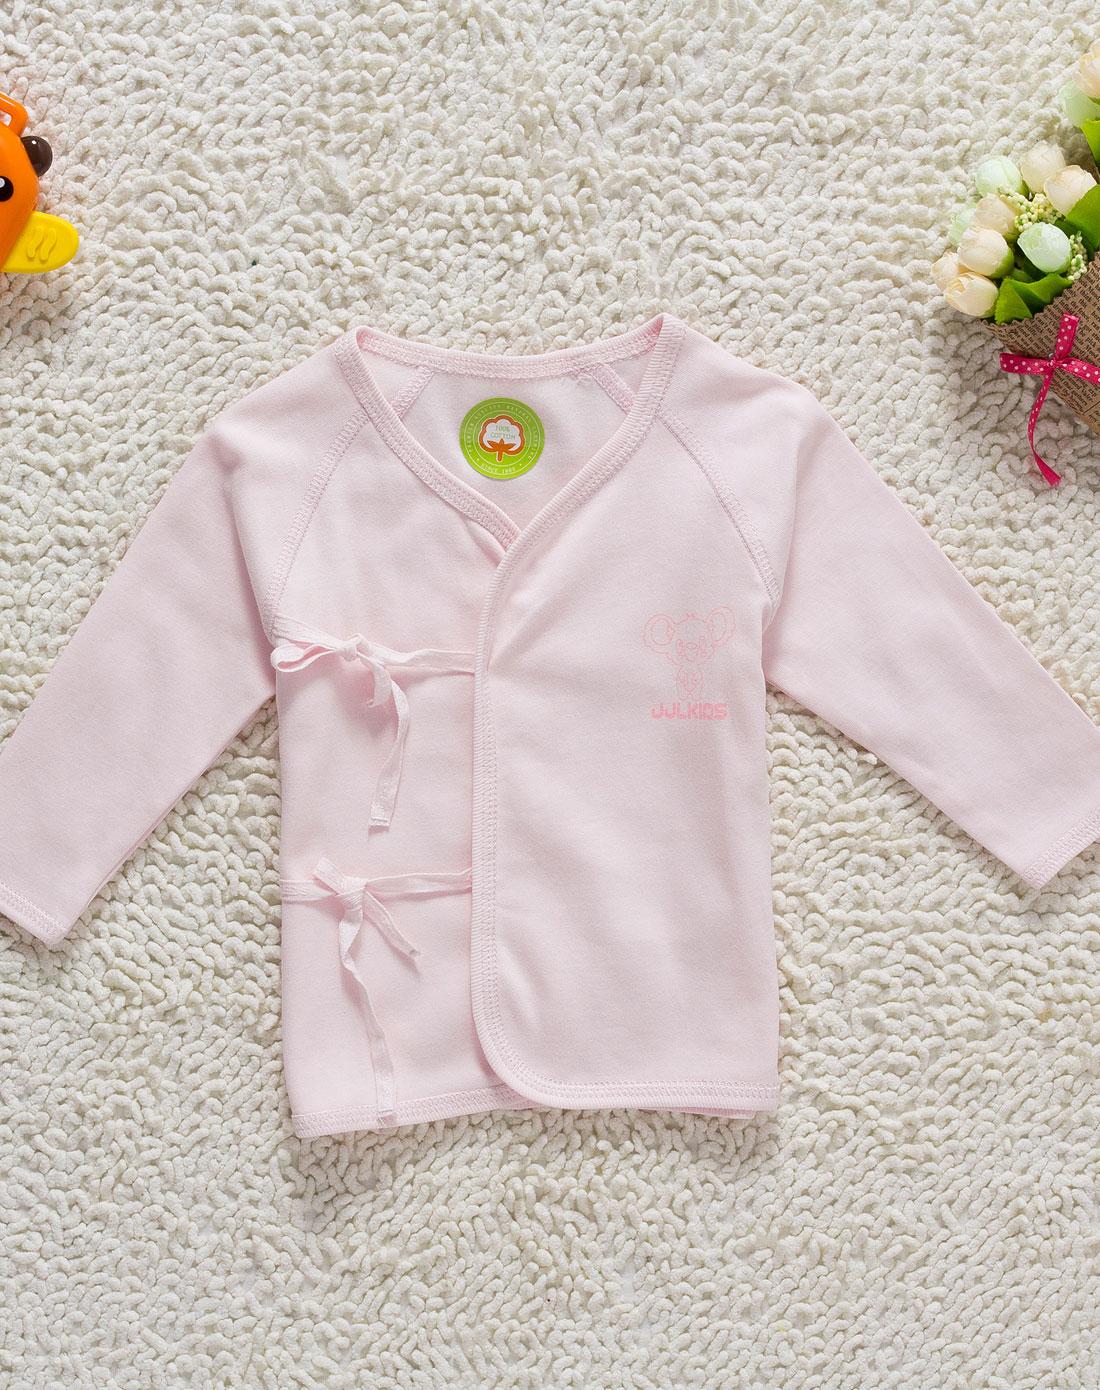 季季乐jjlkids男女童婴儿粉红系带上衣和尚服dpp